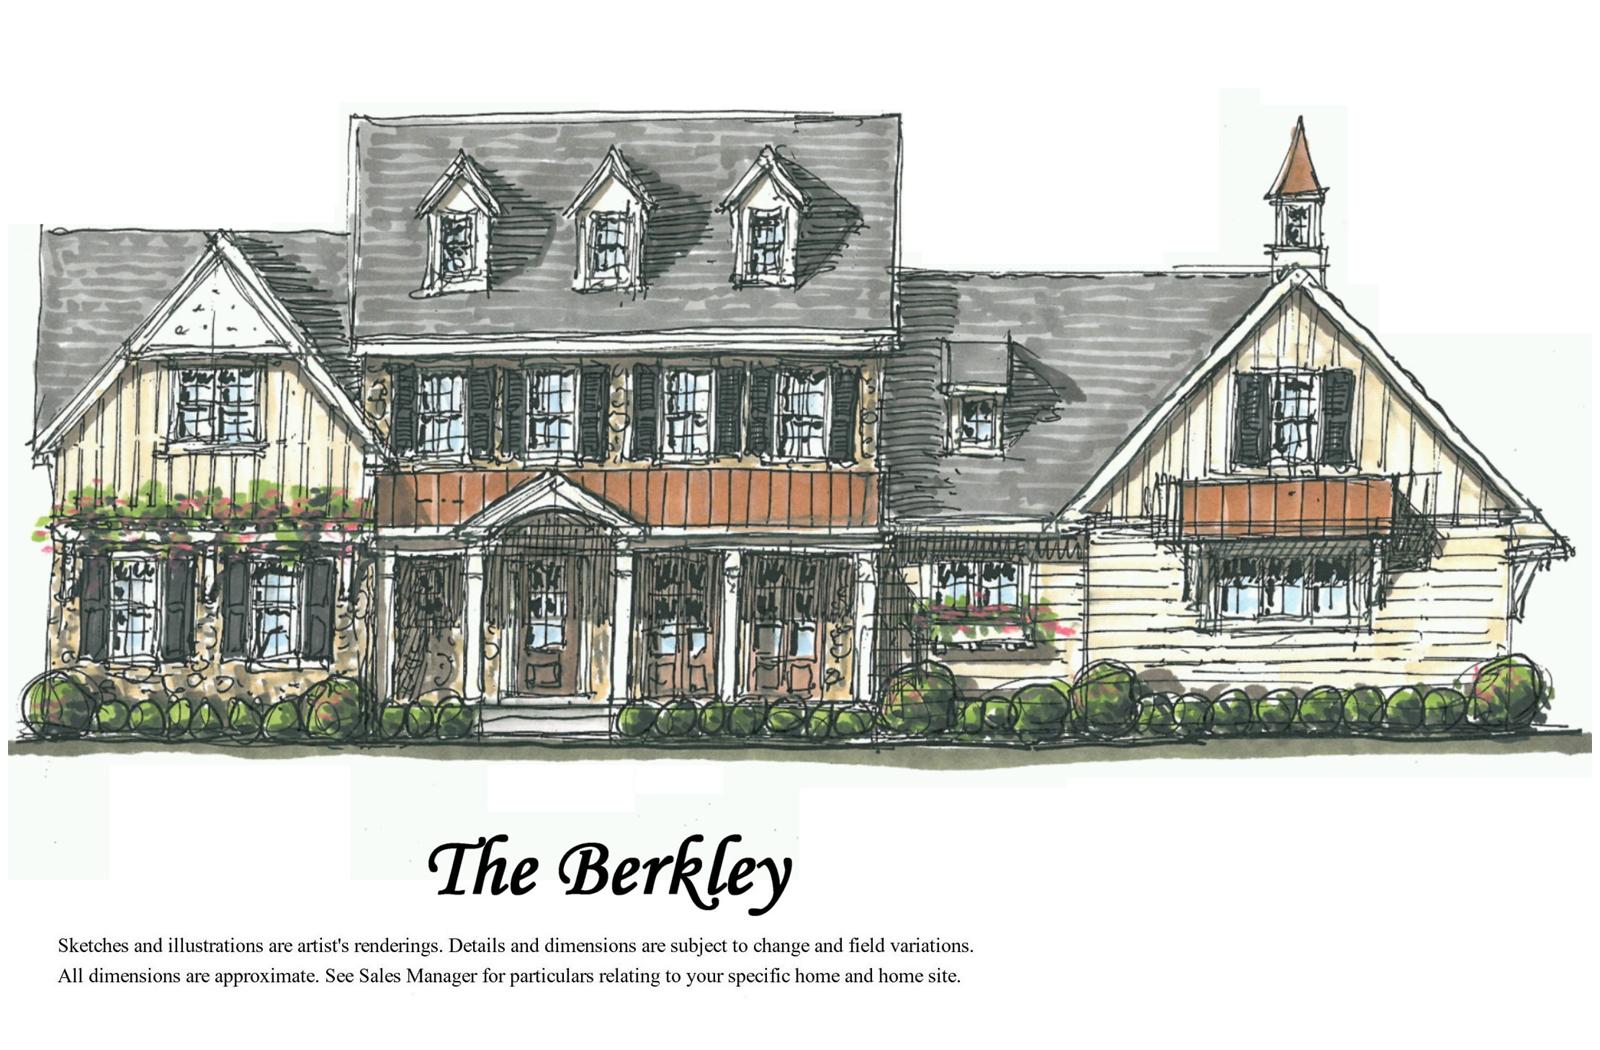 Artist rendering of The Berkley home.